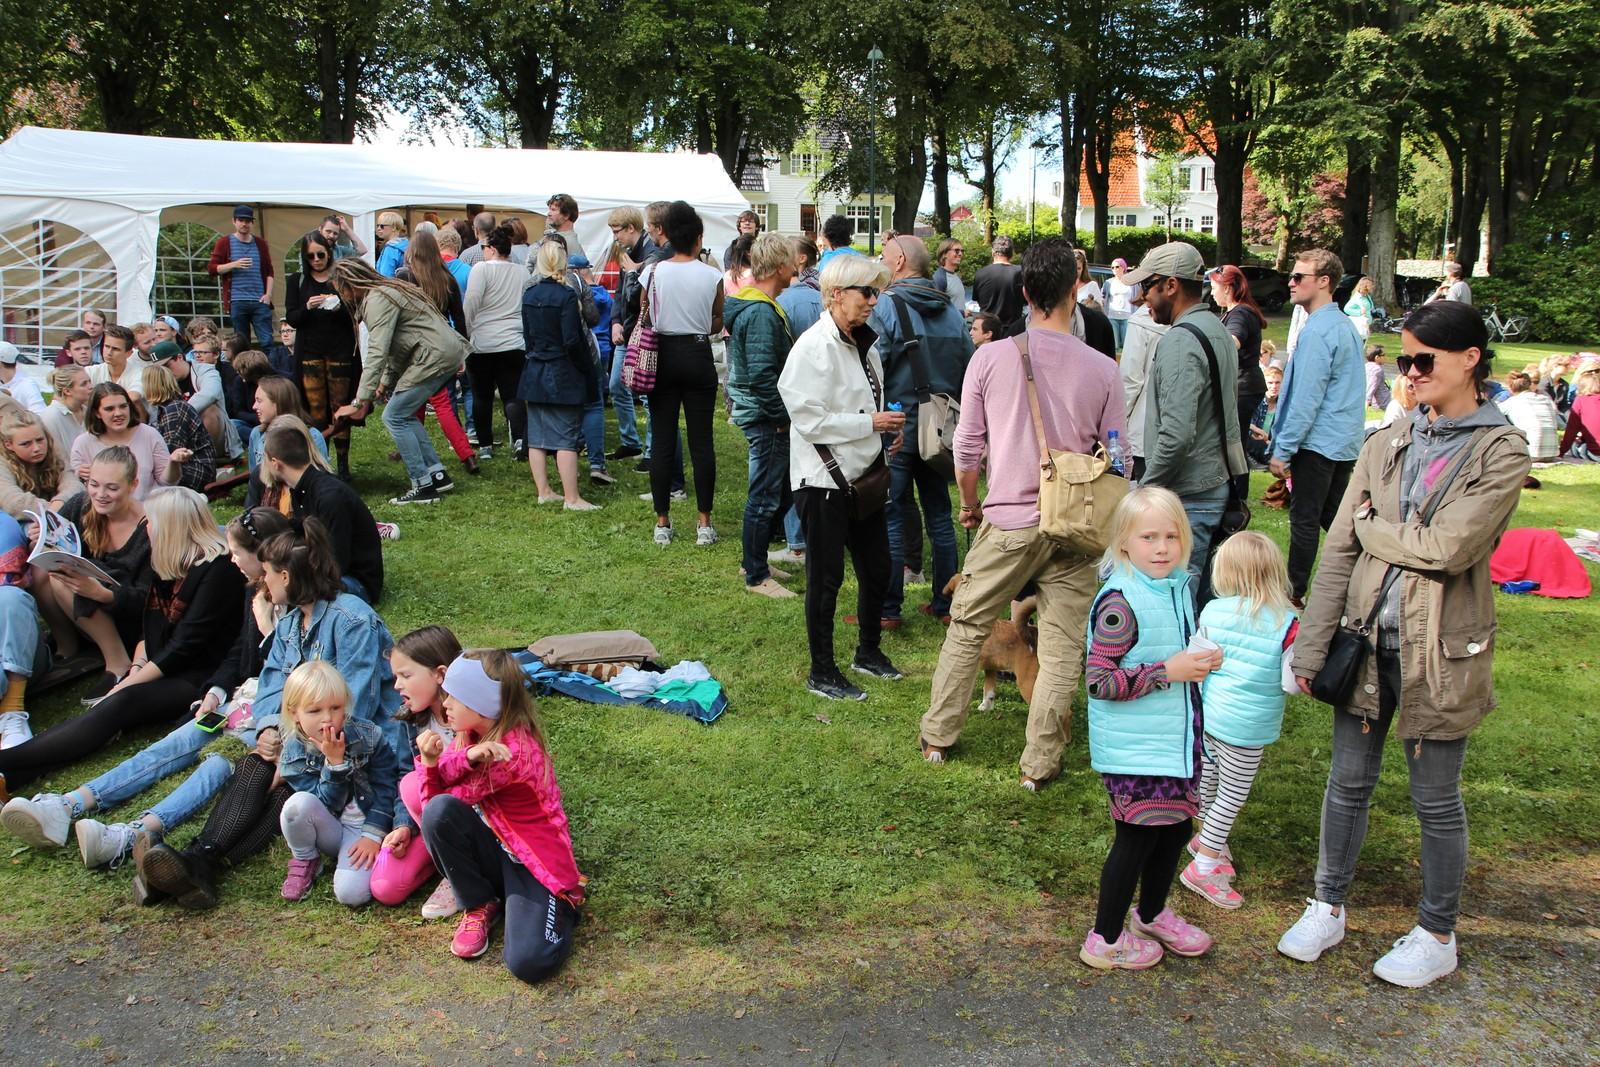 På gratisfestivalen var det gratis mat, og det var populært.